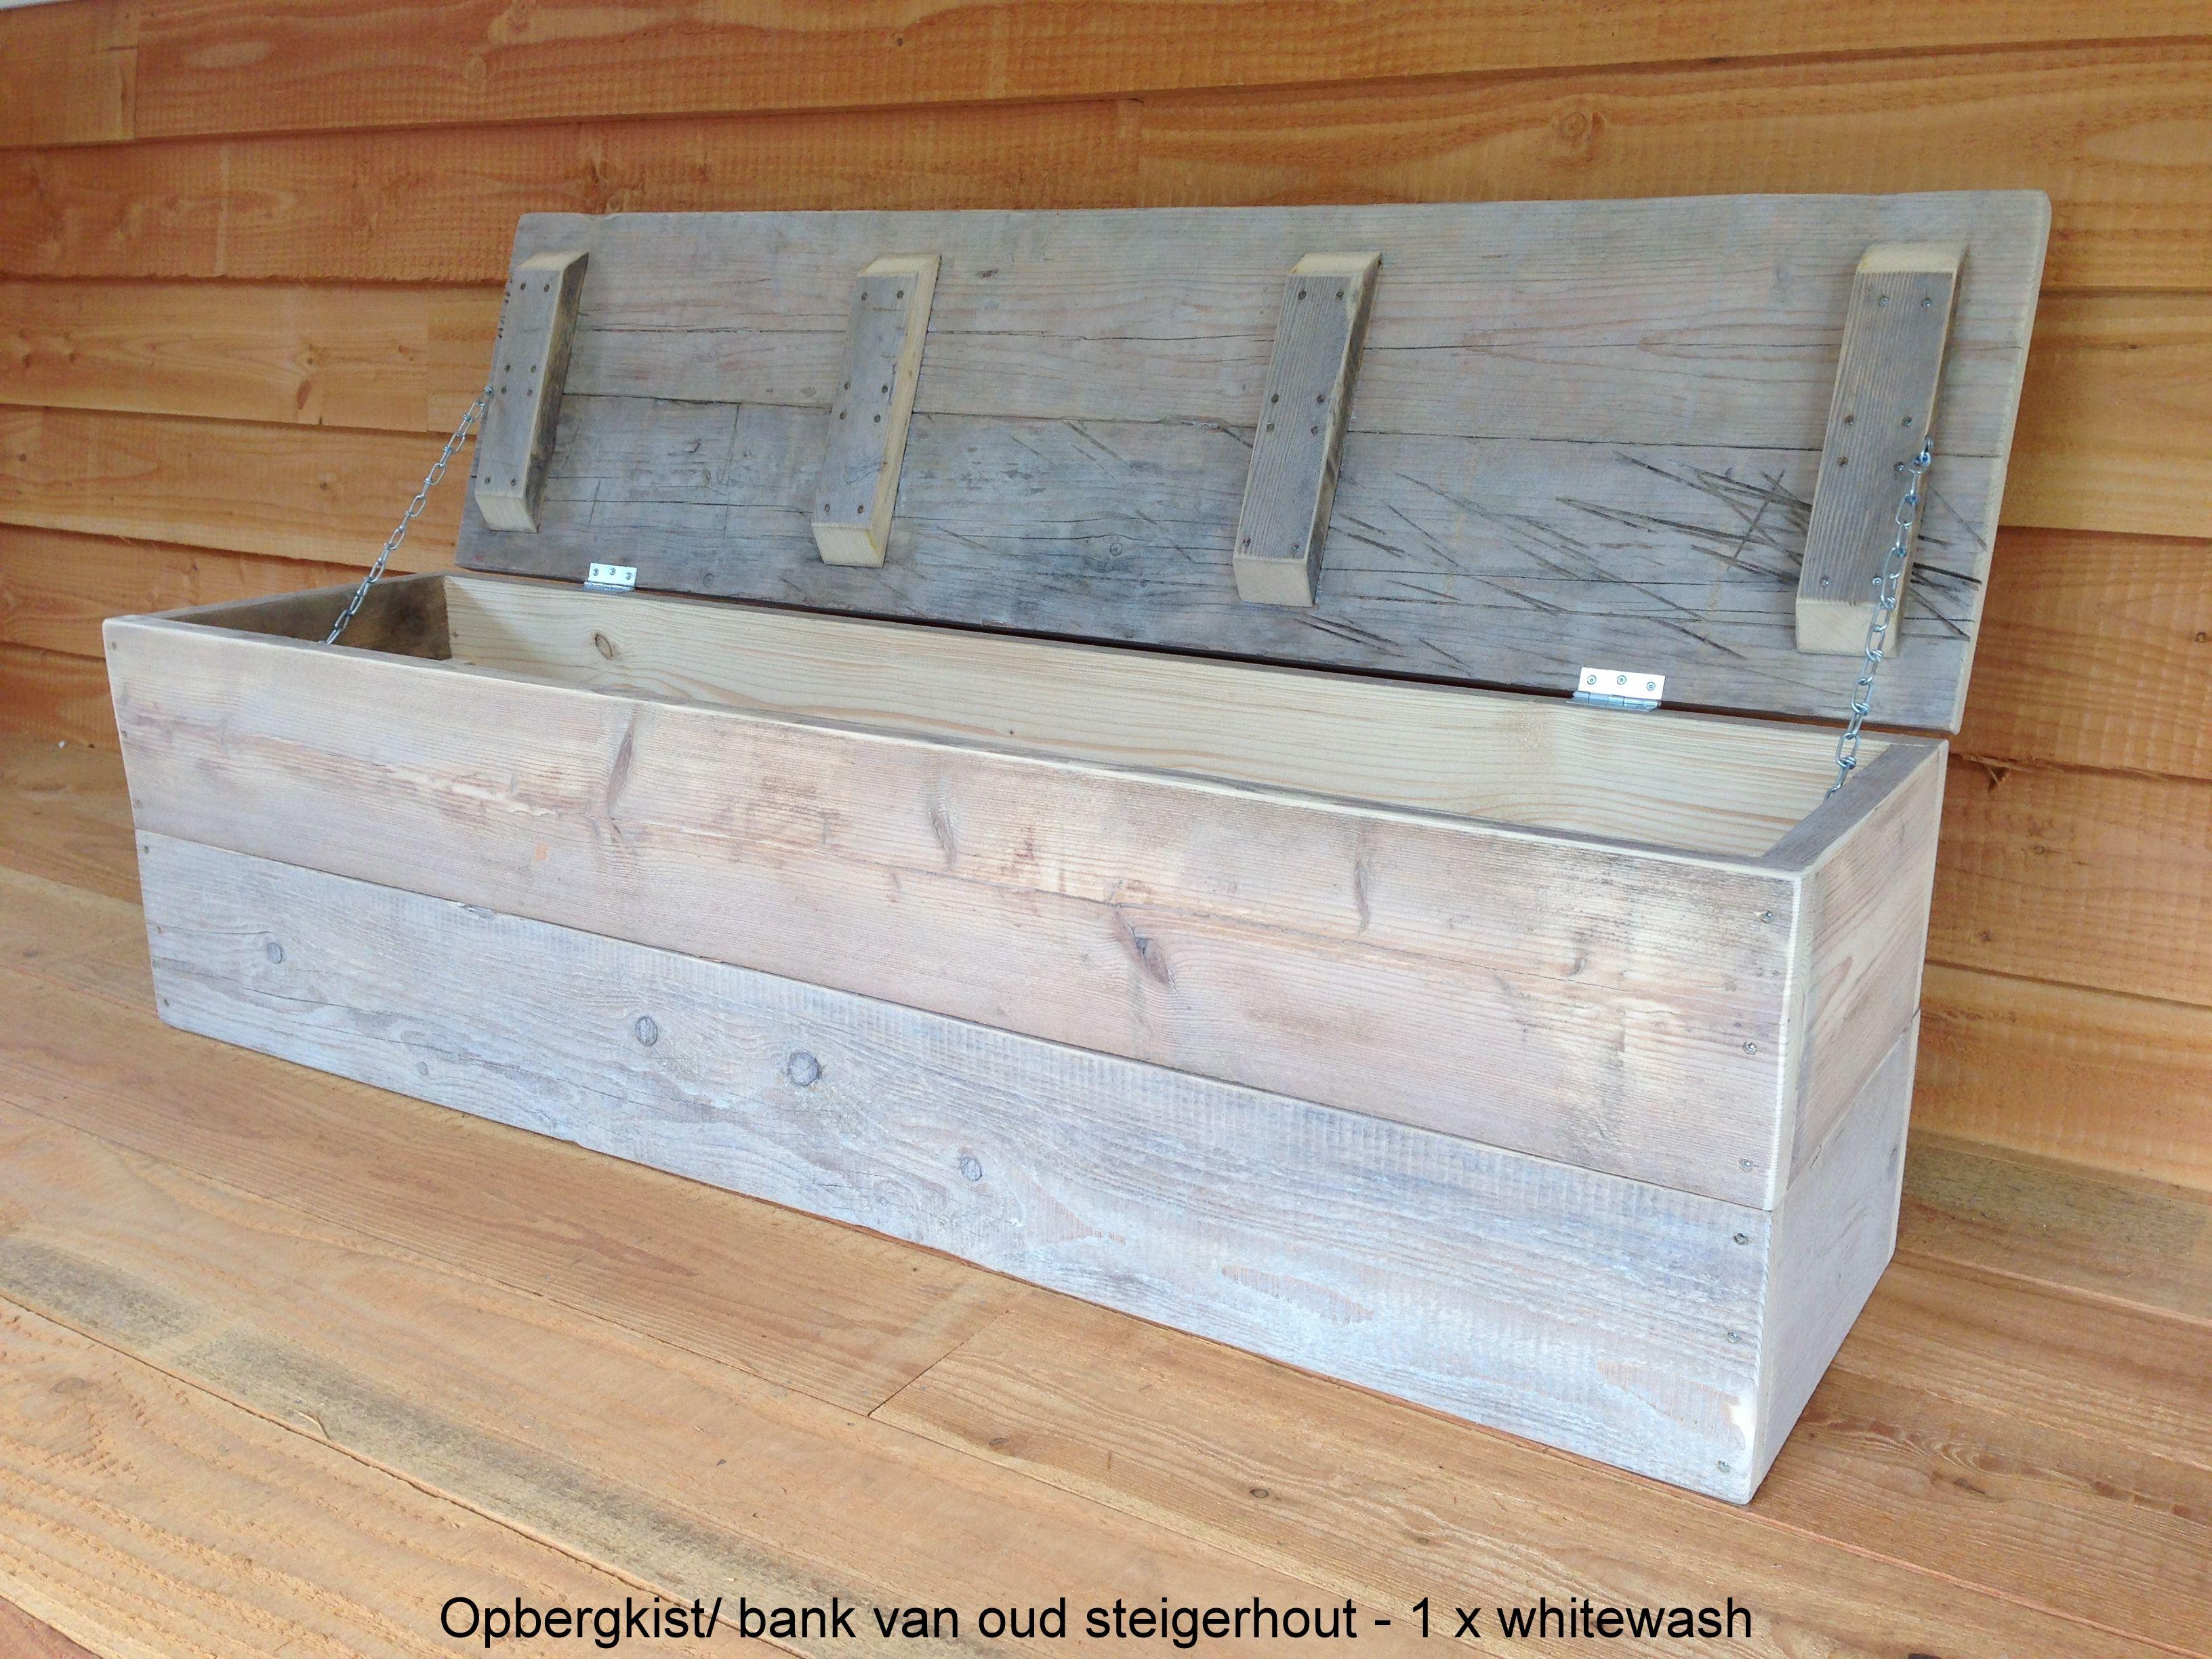 Steigerhouten Opbergkist Bankje.Oud Steigerhout Opbergkist Opbergkist Opbergkist Houten